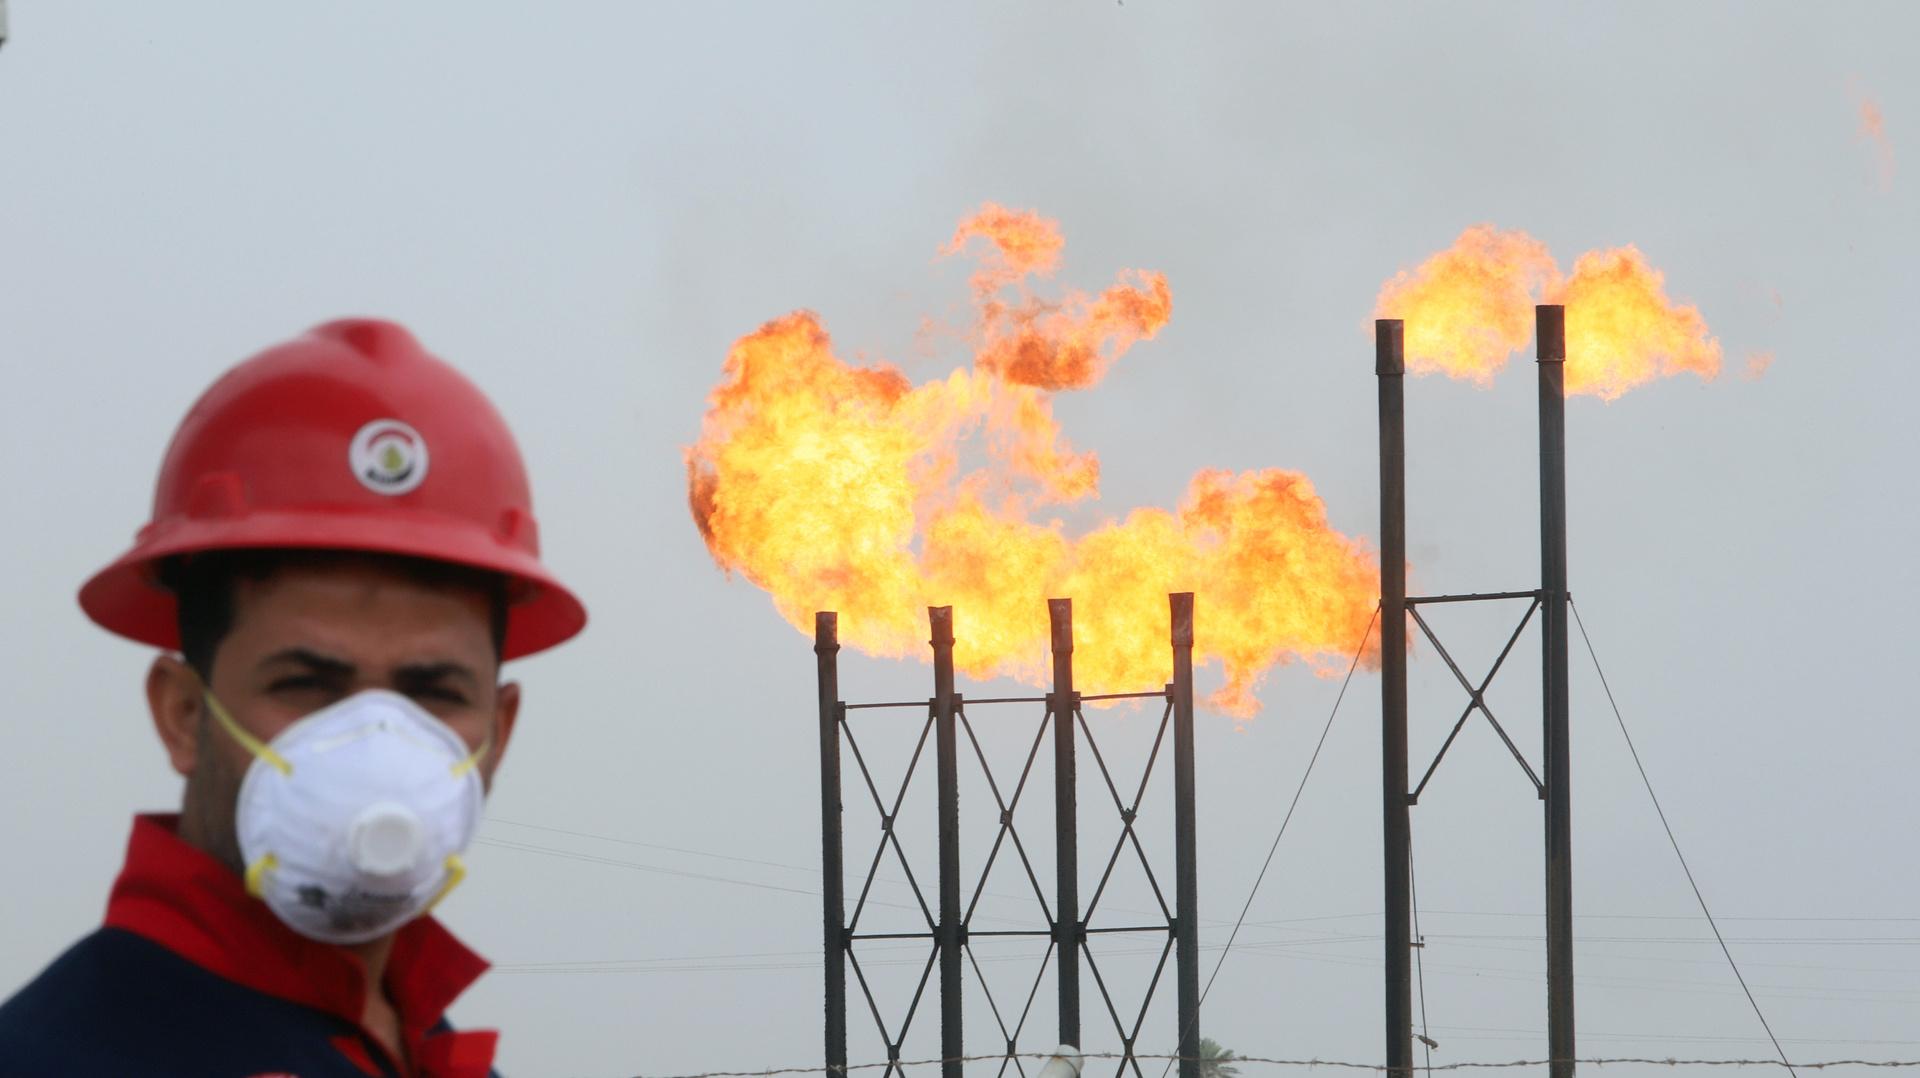 وزارة النفط العراقية لـRT: فاتحنا شركات جديدة لتطوير حقل المنصورية الغازي